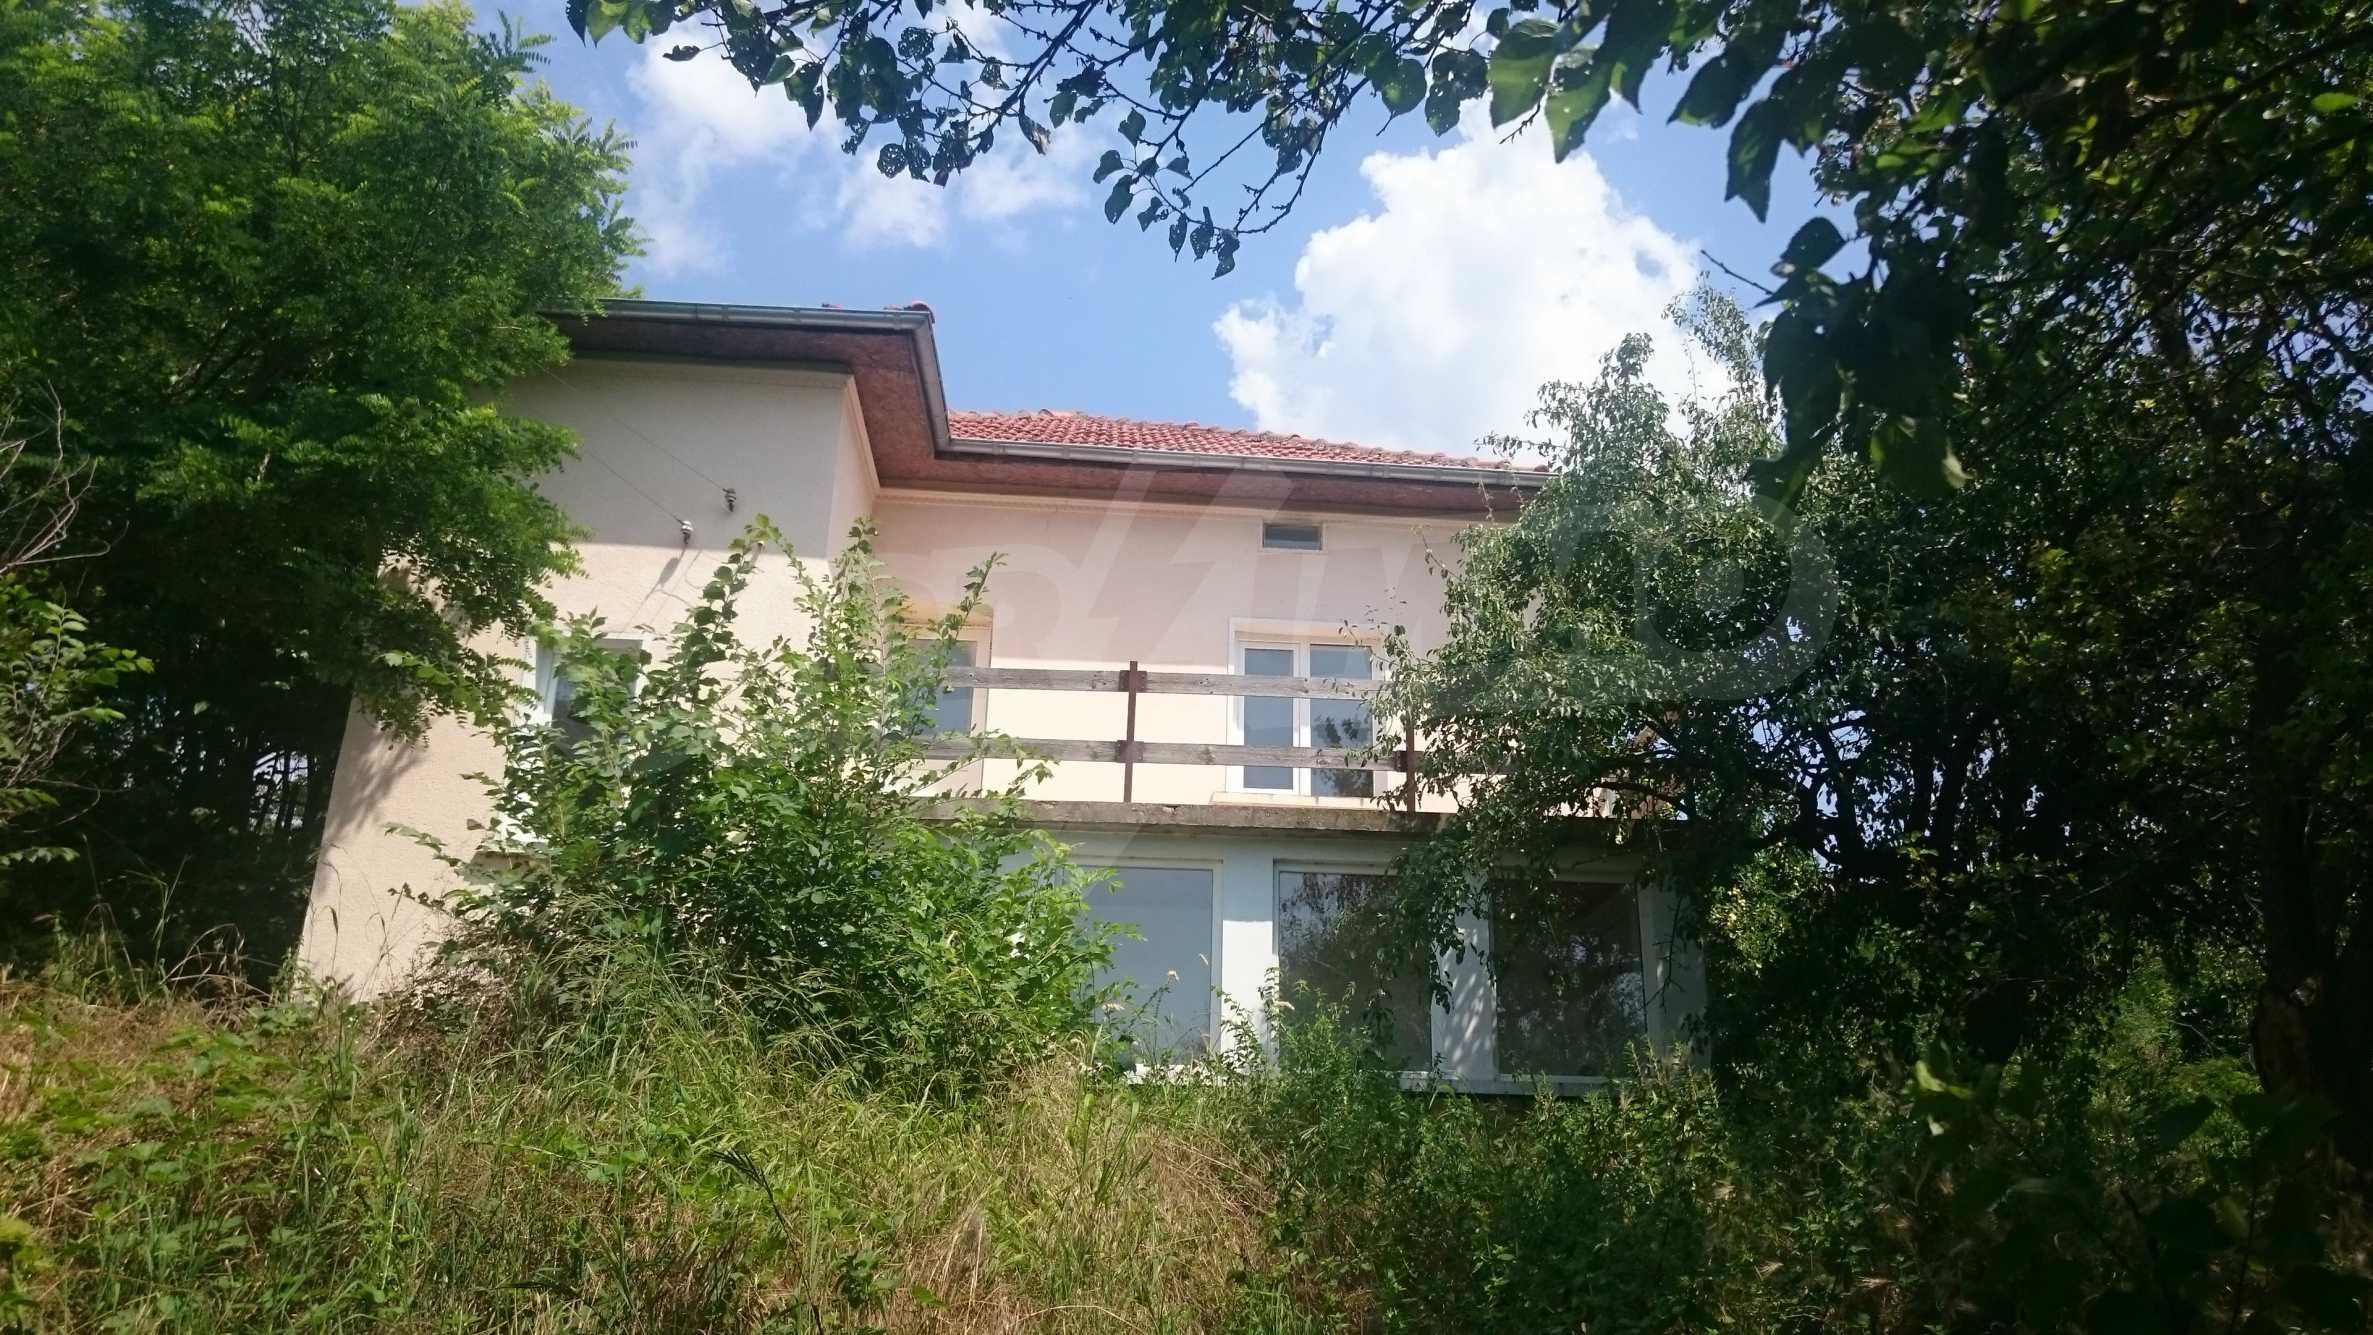 Полностью отремонтированный дом с большим садом и видом на Дунай 53